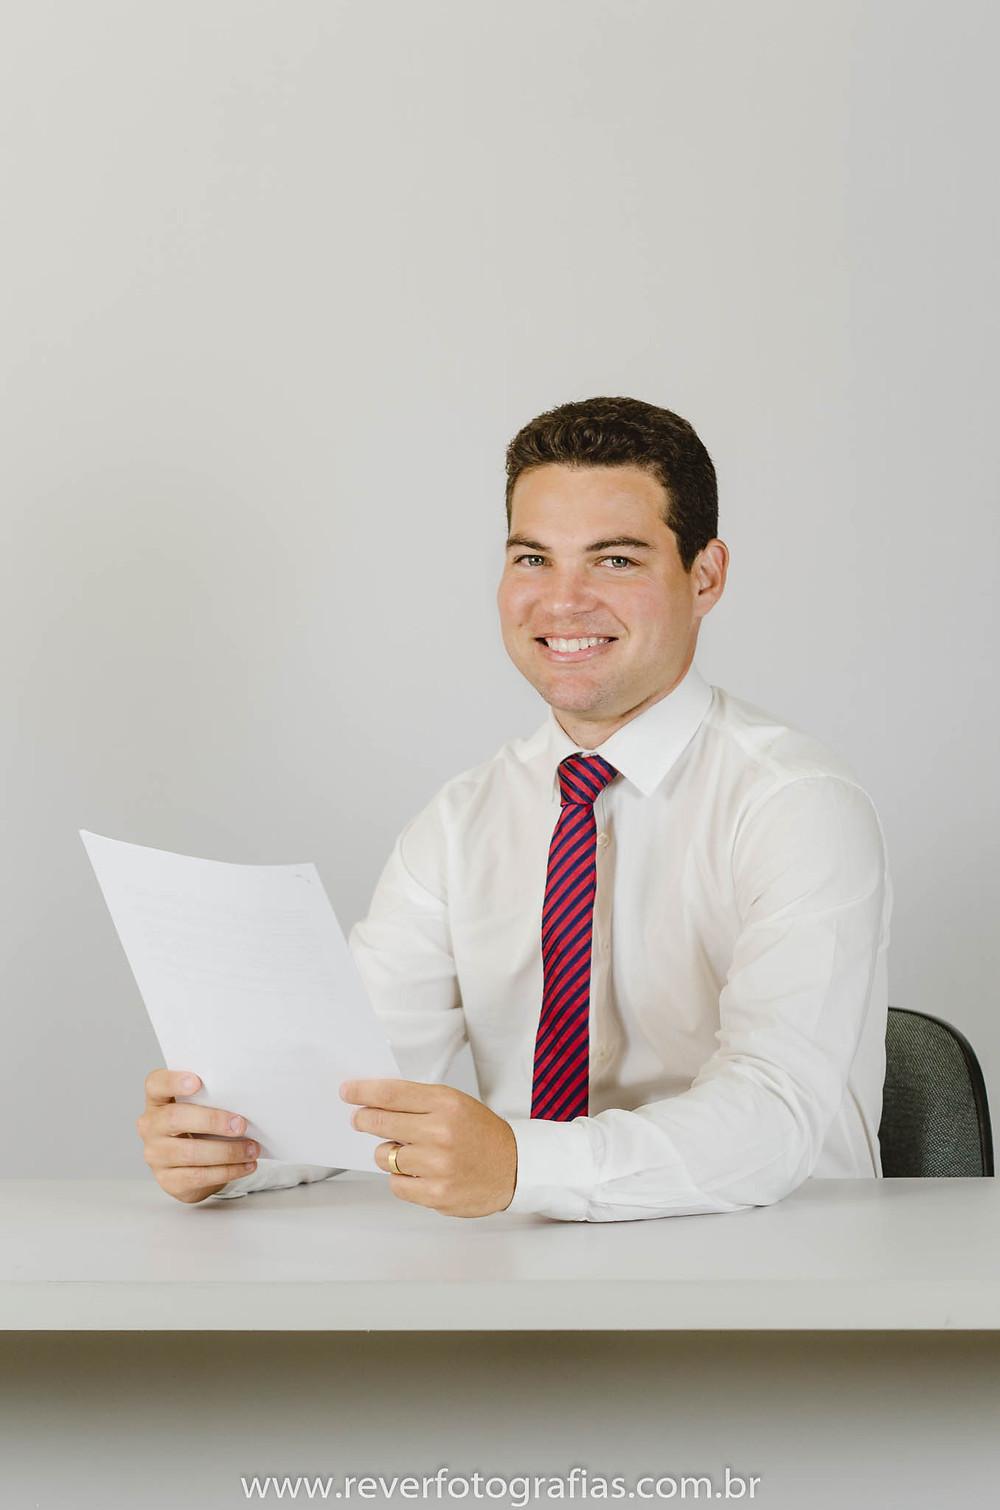 Sessão fotográfica corporativa de imagem profissional homem sentado a mesa segurando papel nas mãos